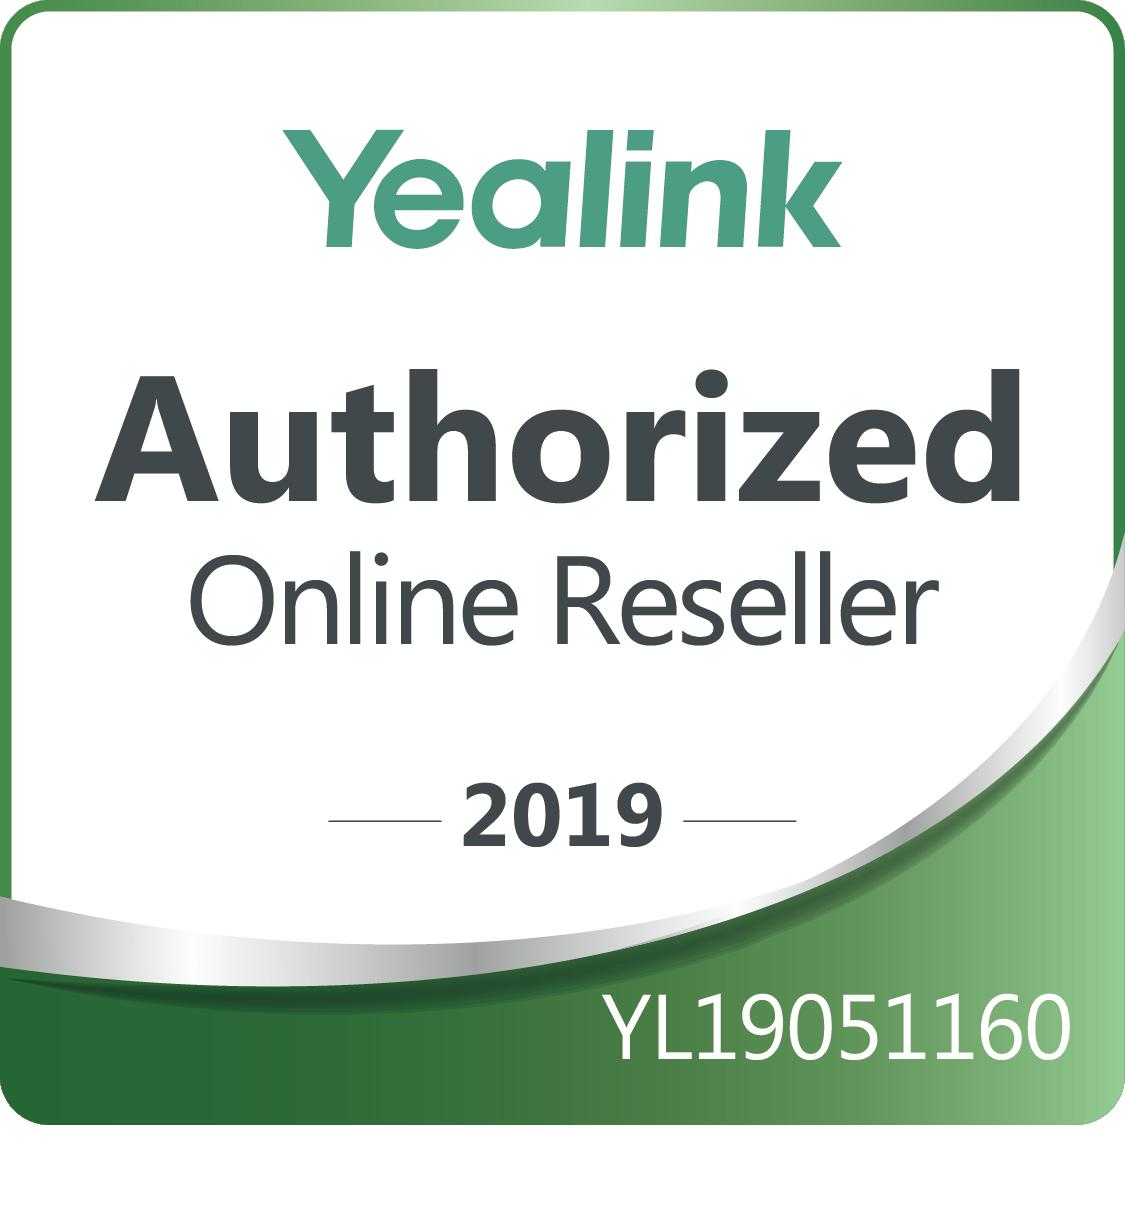 Официальный онлайн-ресселер Yealink в России